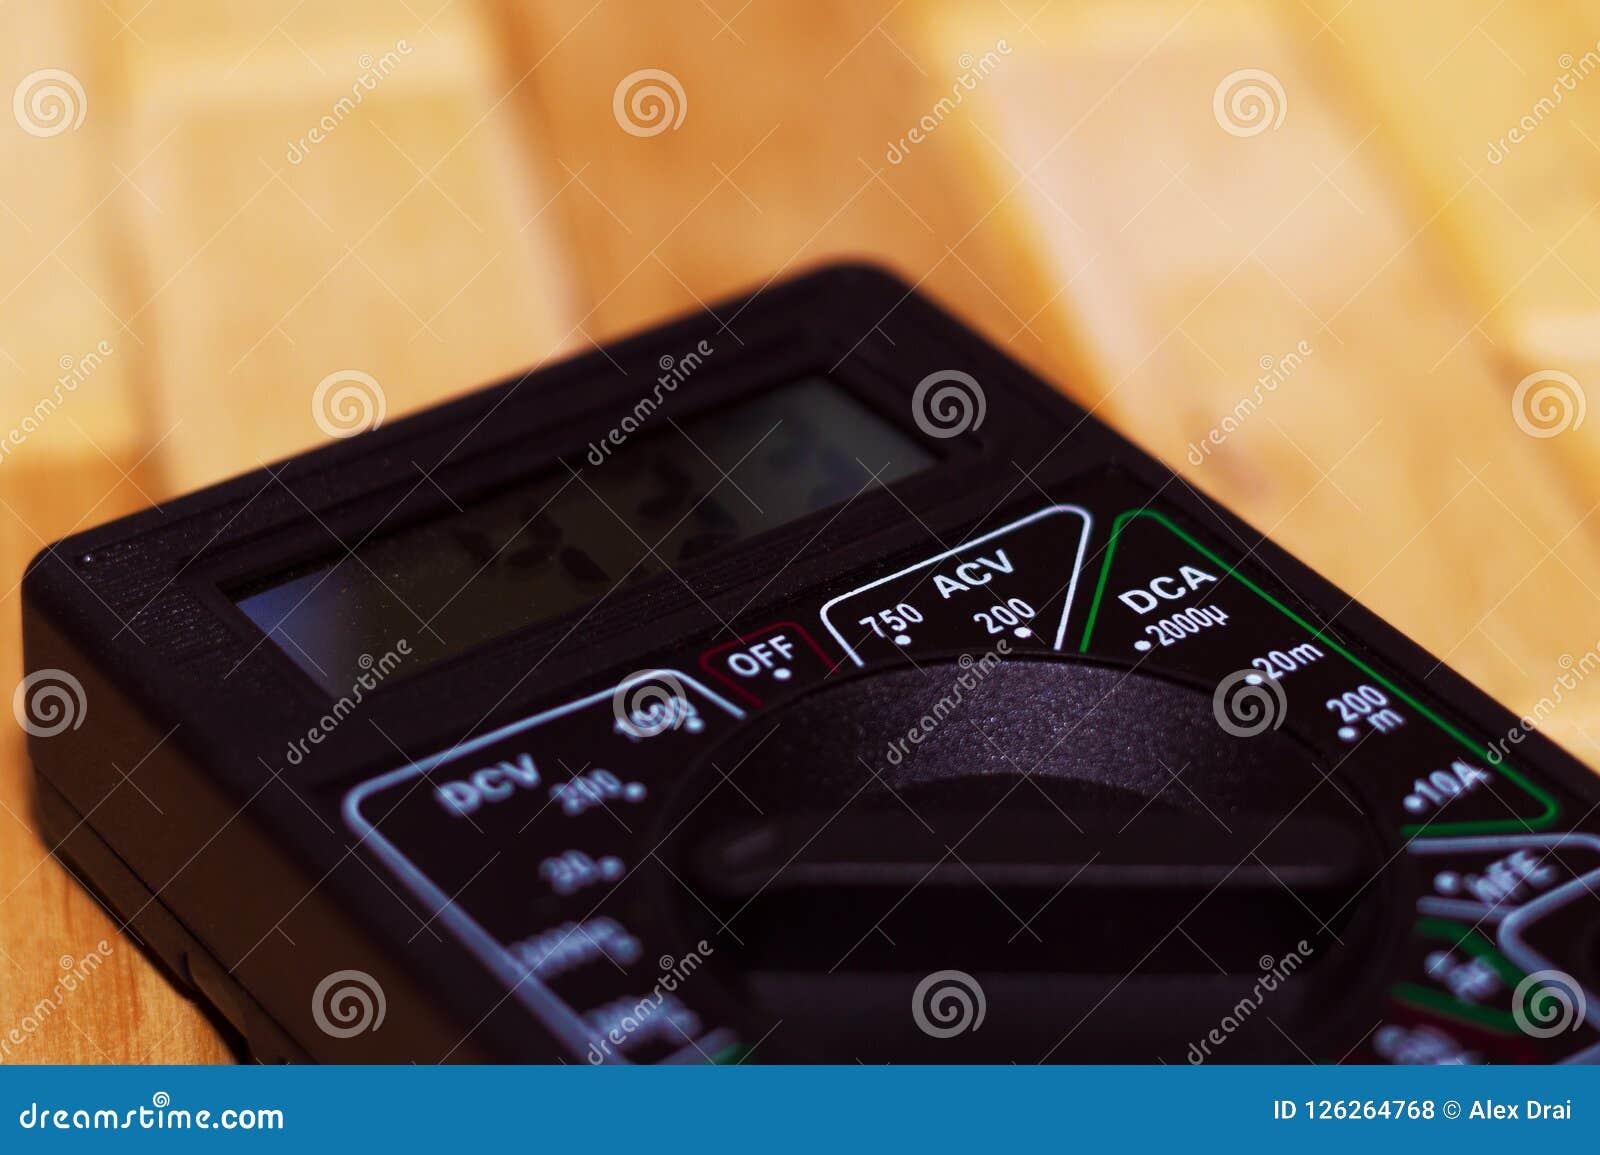 在木地板上的数字式测量的多用电表 它显示4 33V或充分地被充电的电池 包括电压表, ampermeter,欧姆计